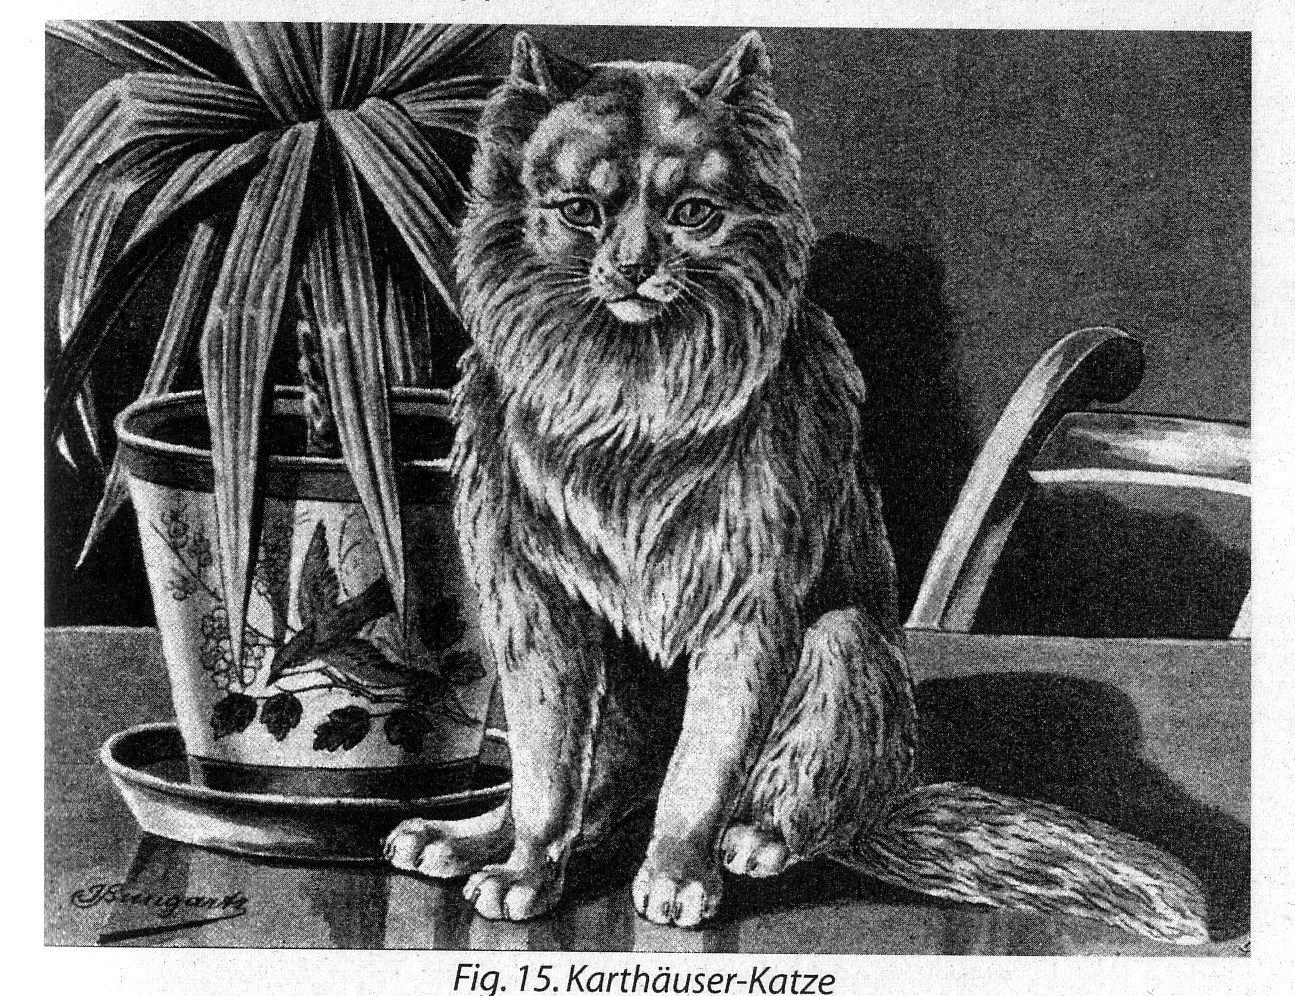 Atemberaubend Katze Die Draht Kaut Bilder - Die Besten Elektrischen ...